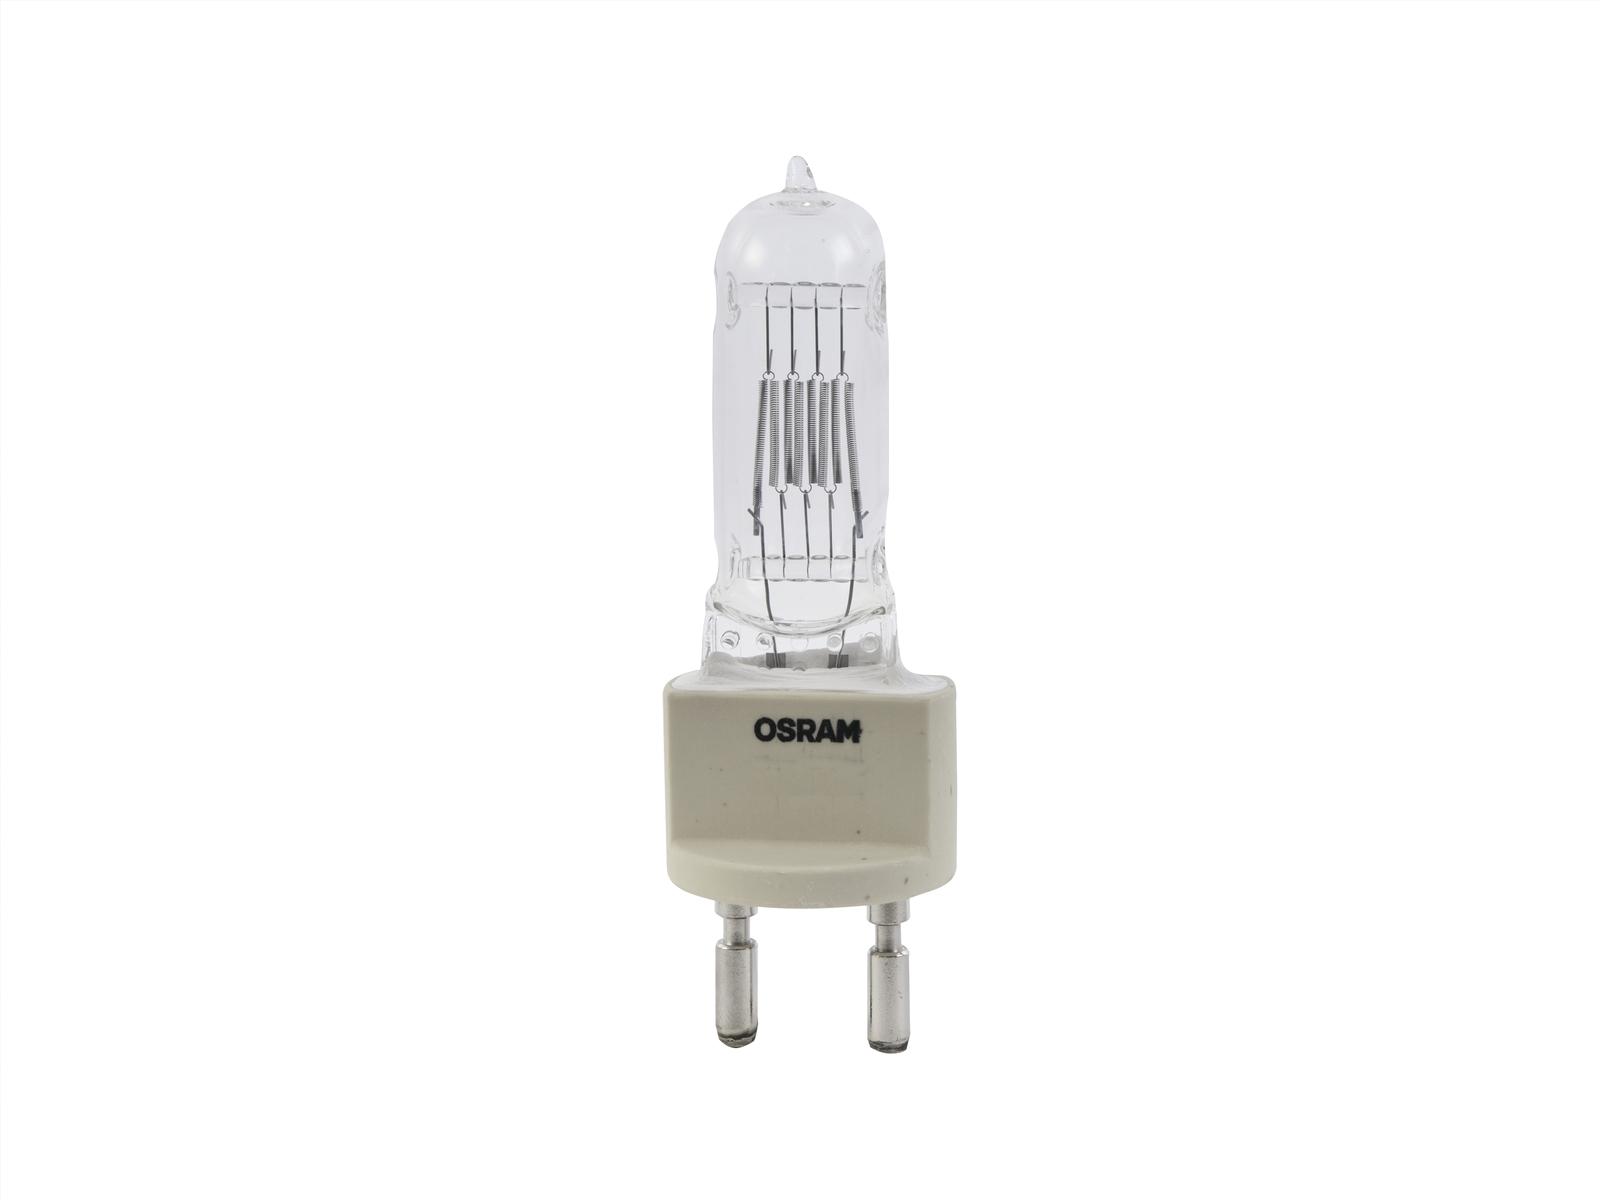 OSRAM 64721 230V/650W G-22 100h 3200K